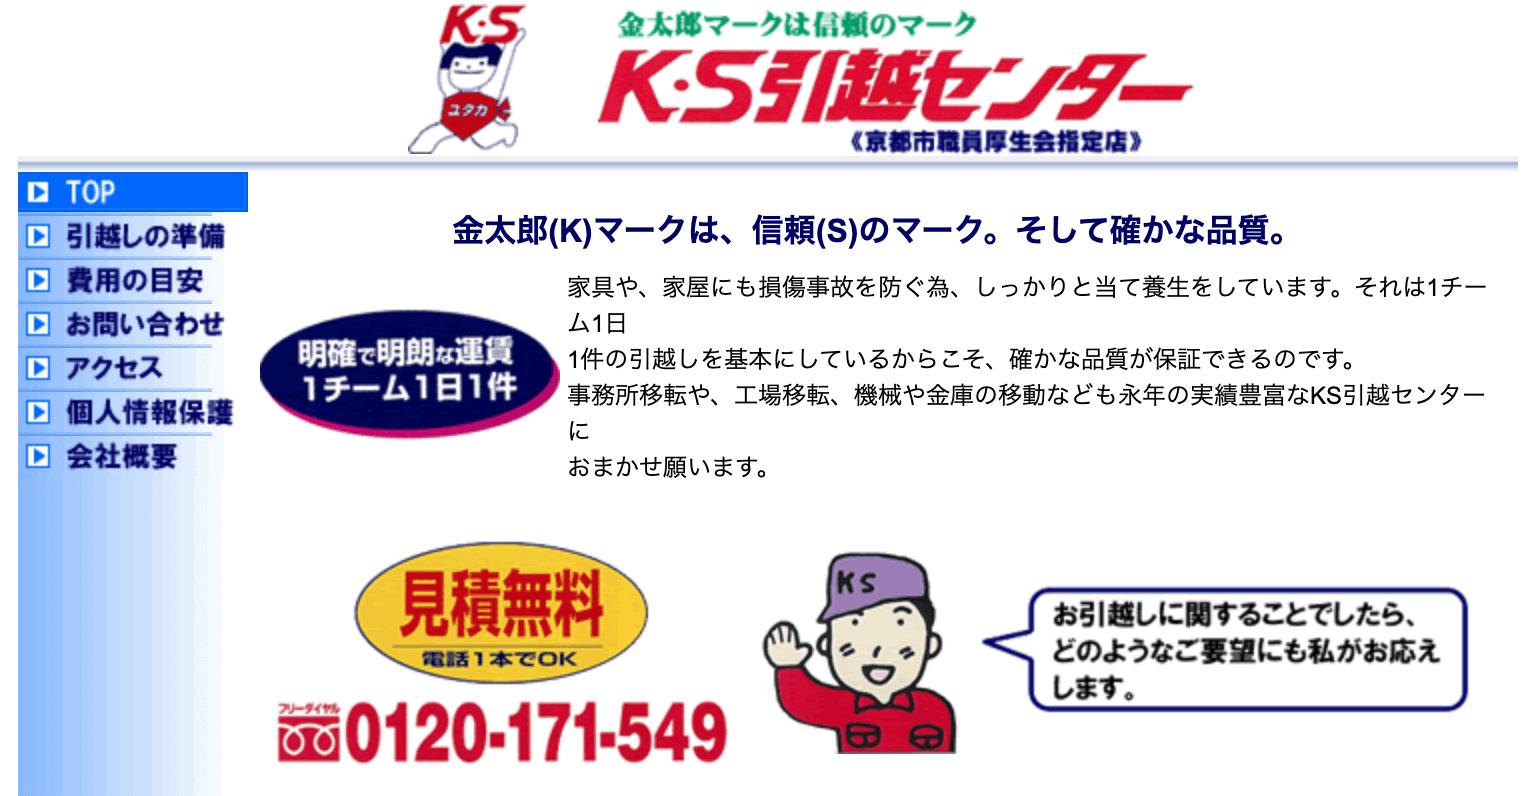 K・S引越センターのトップページ